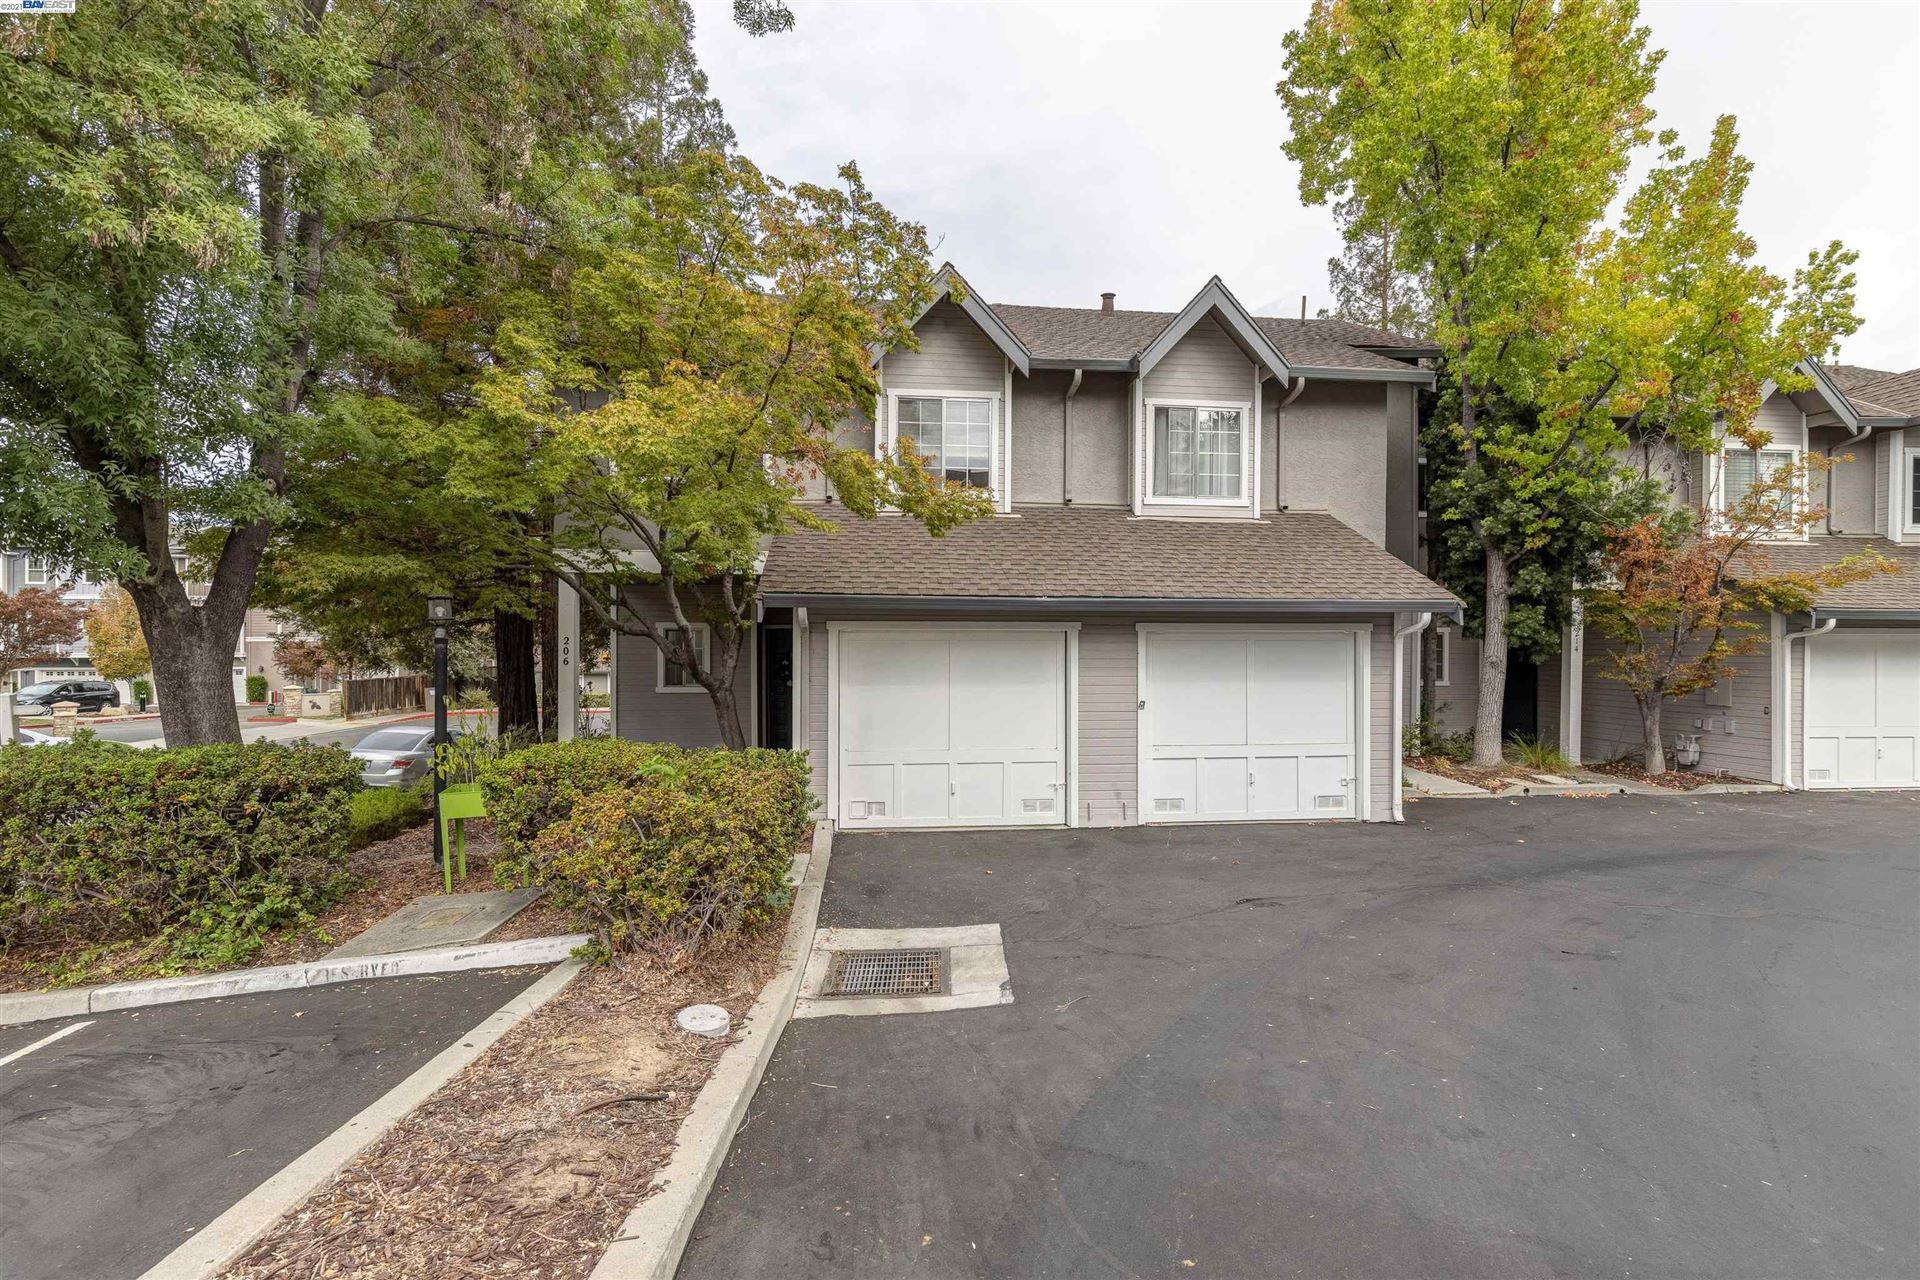 206 Birch Creek Dr, Pleasanton, CA 94566 - #: 40970018